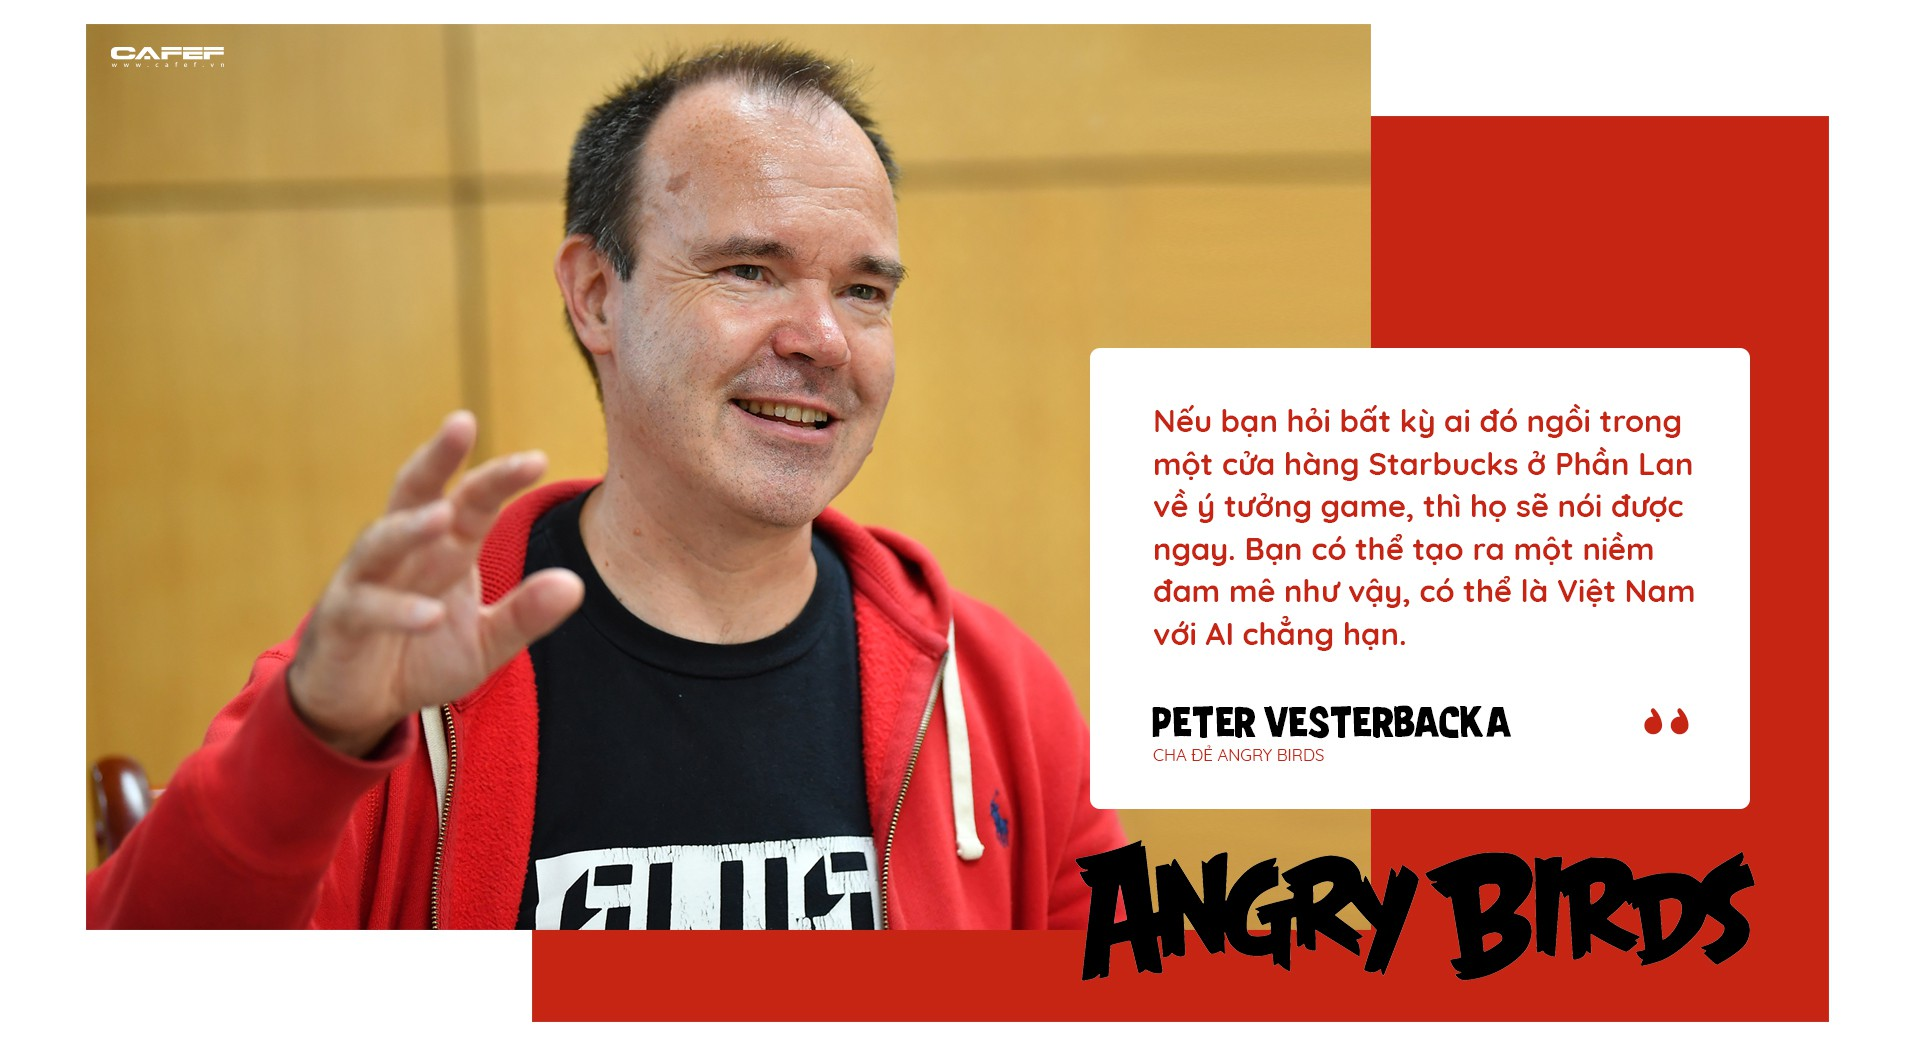 """""""Cha đẻ"""" của Angry Birds: Cái gì không giết được bạn sẽ giúp bạn mạnh mẽ hơn! - Ảnh 8."""